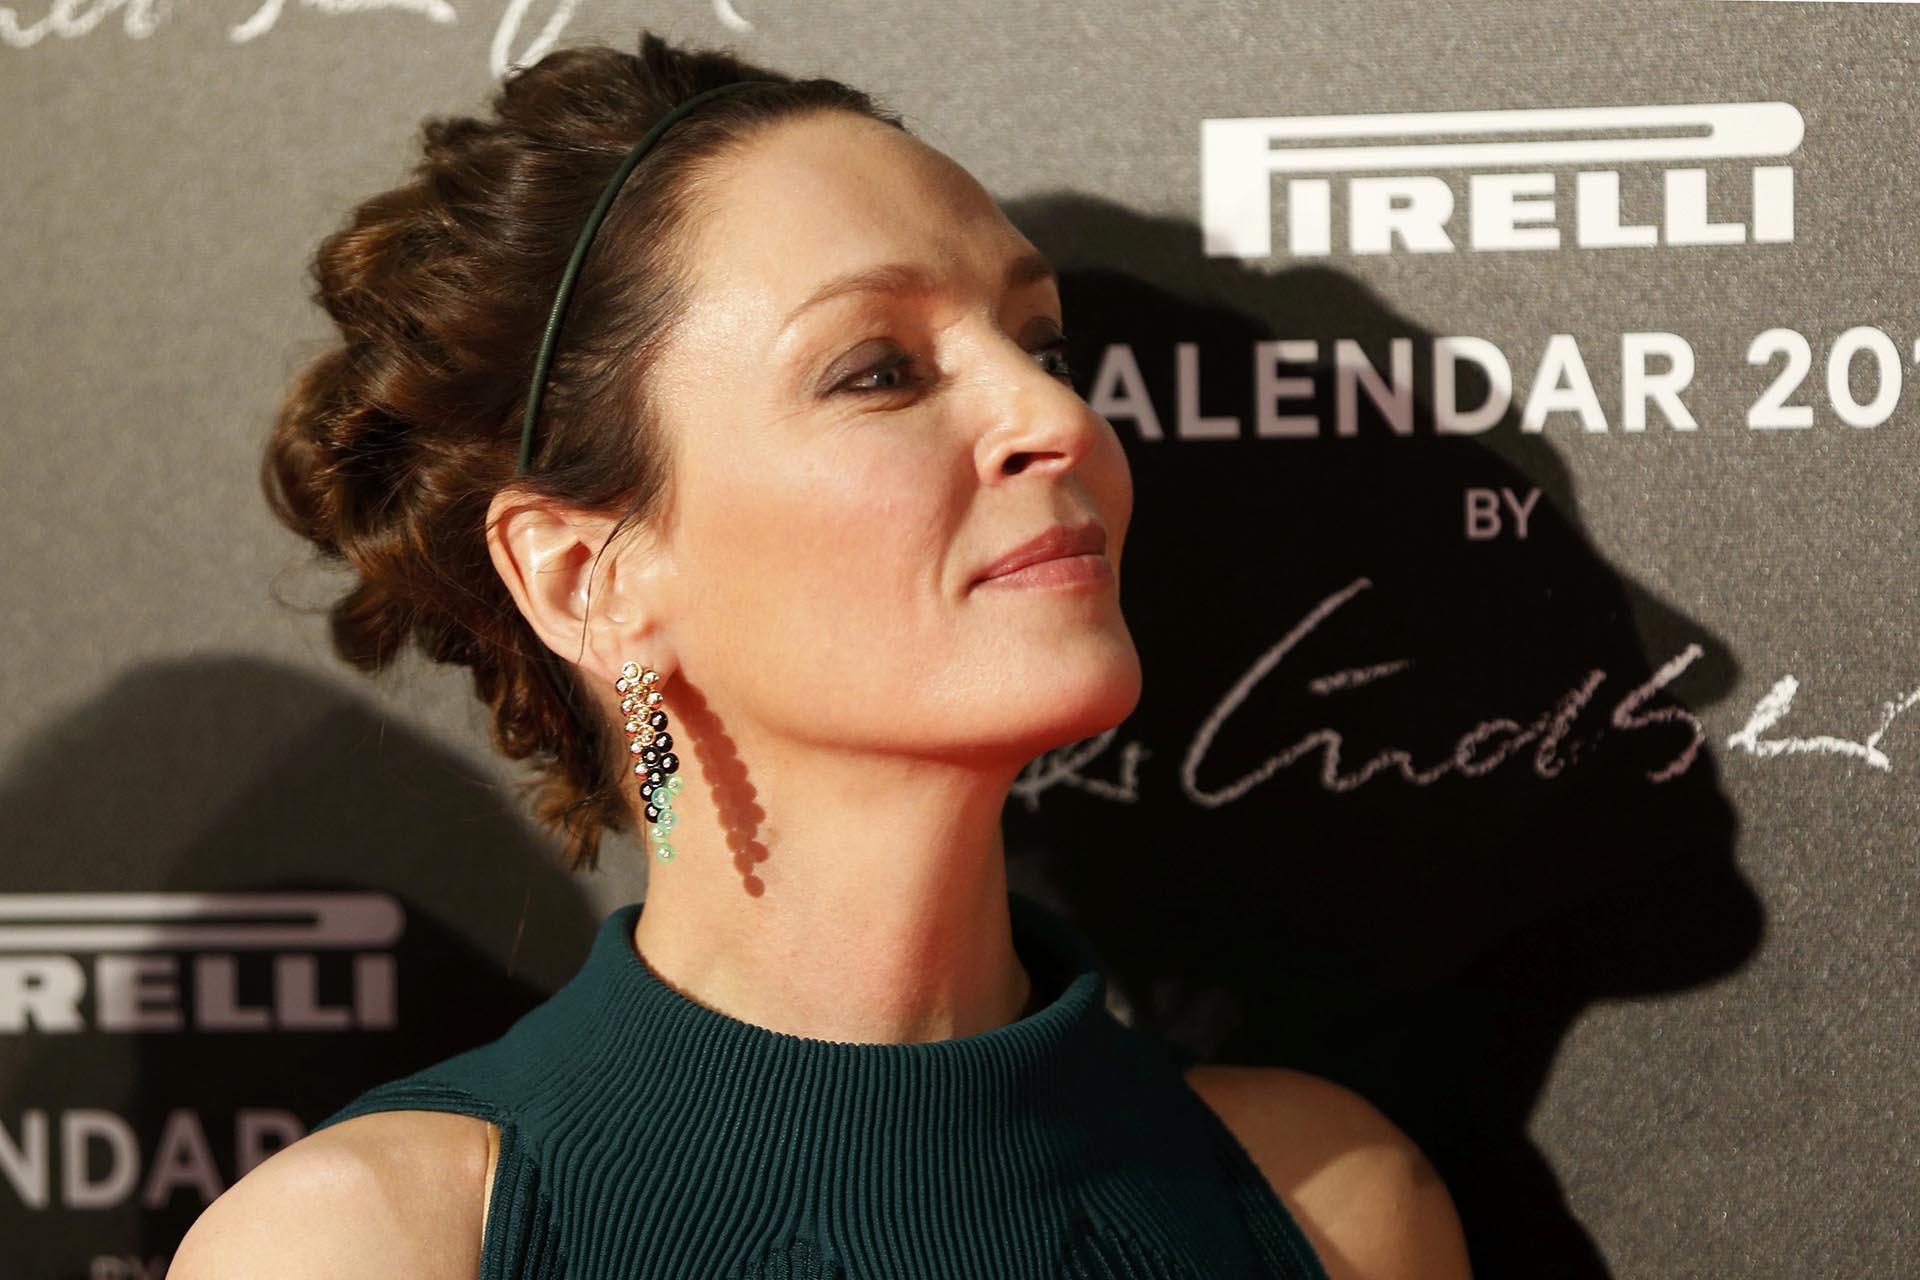 Con un look renovado y el cabello más oscuro, Uma Thurman también acaparó todos los flashes a su llegada a la gran cena de gala